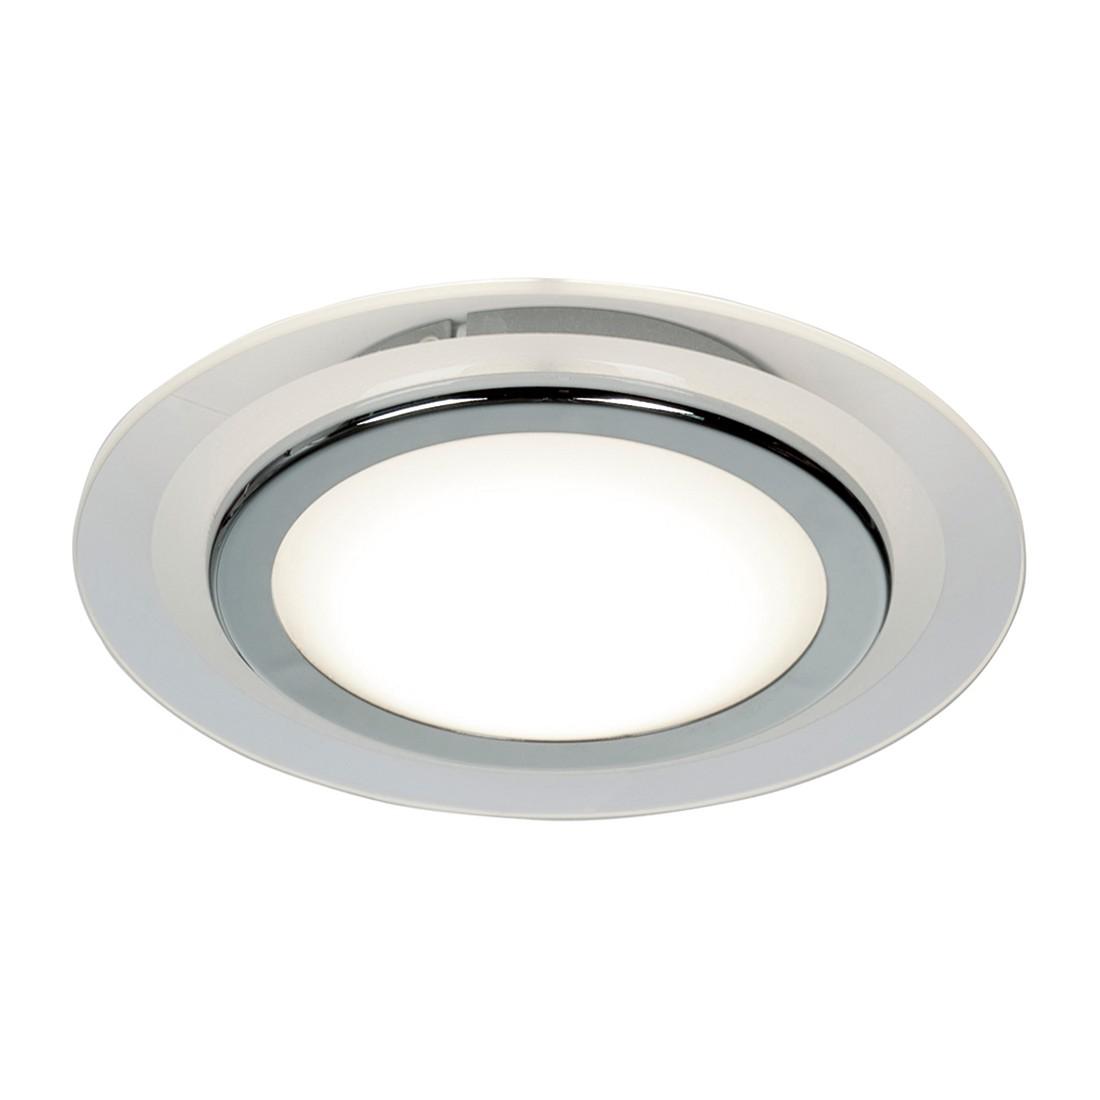 LED-Deckenleuchte 1-flammig ● Chrom glänzend Ø 25 cm- Steinhauer A+